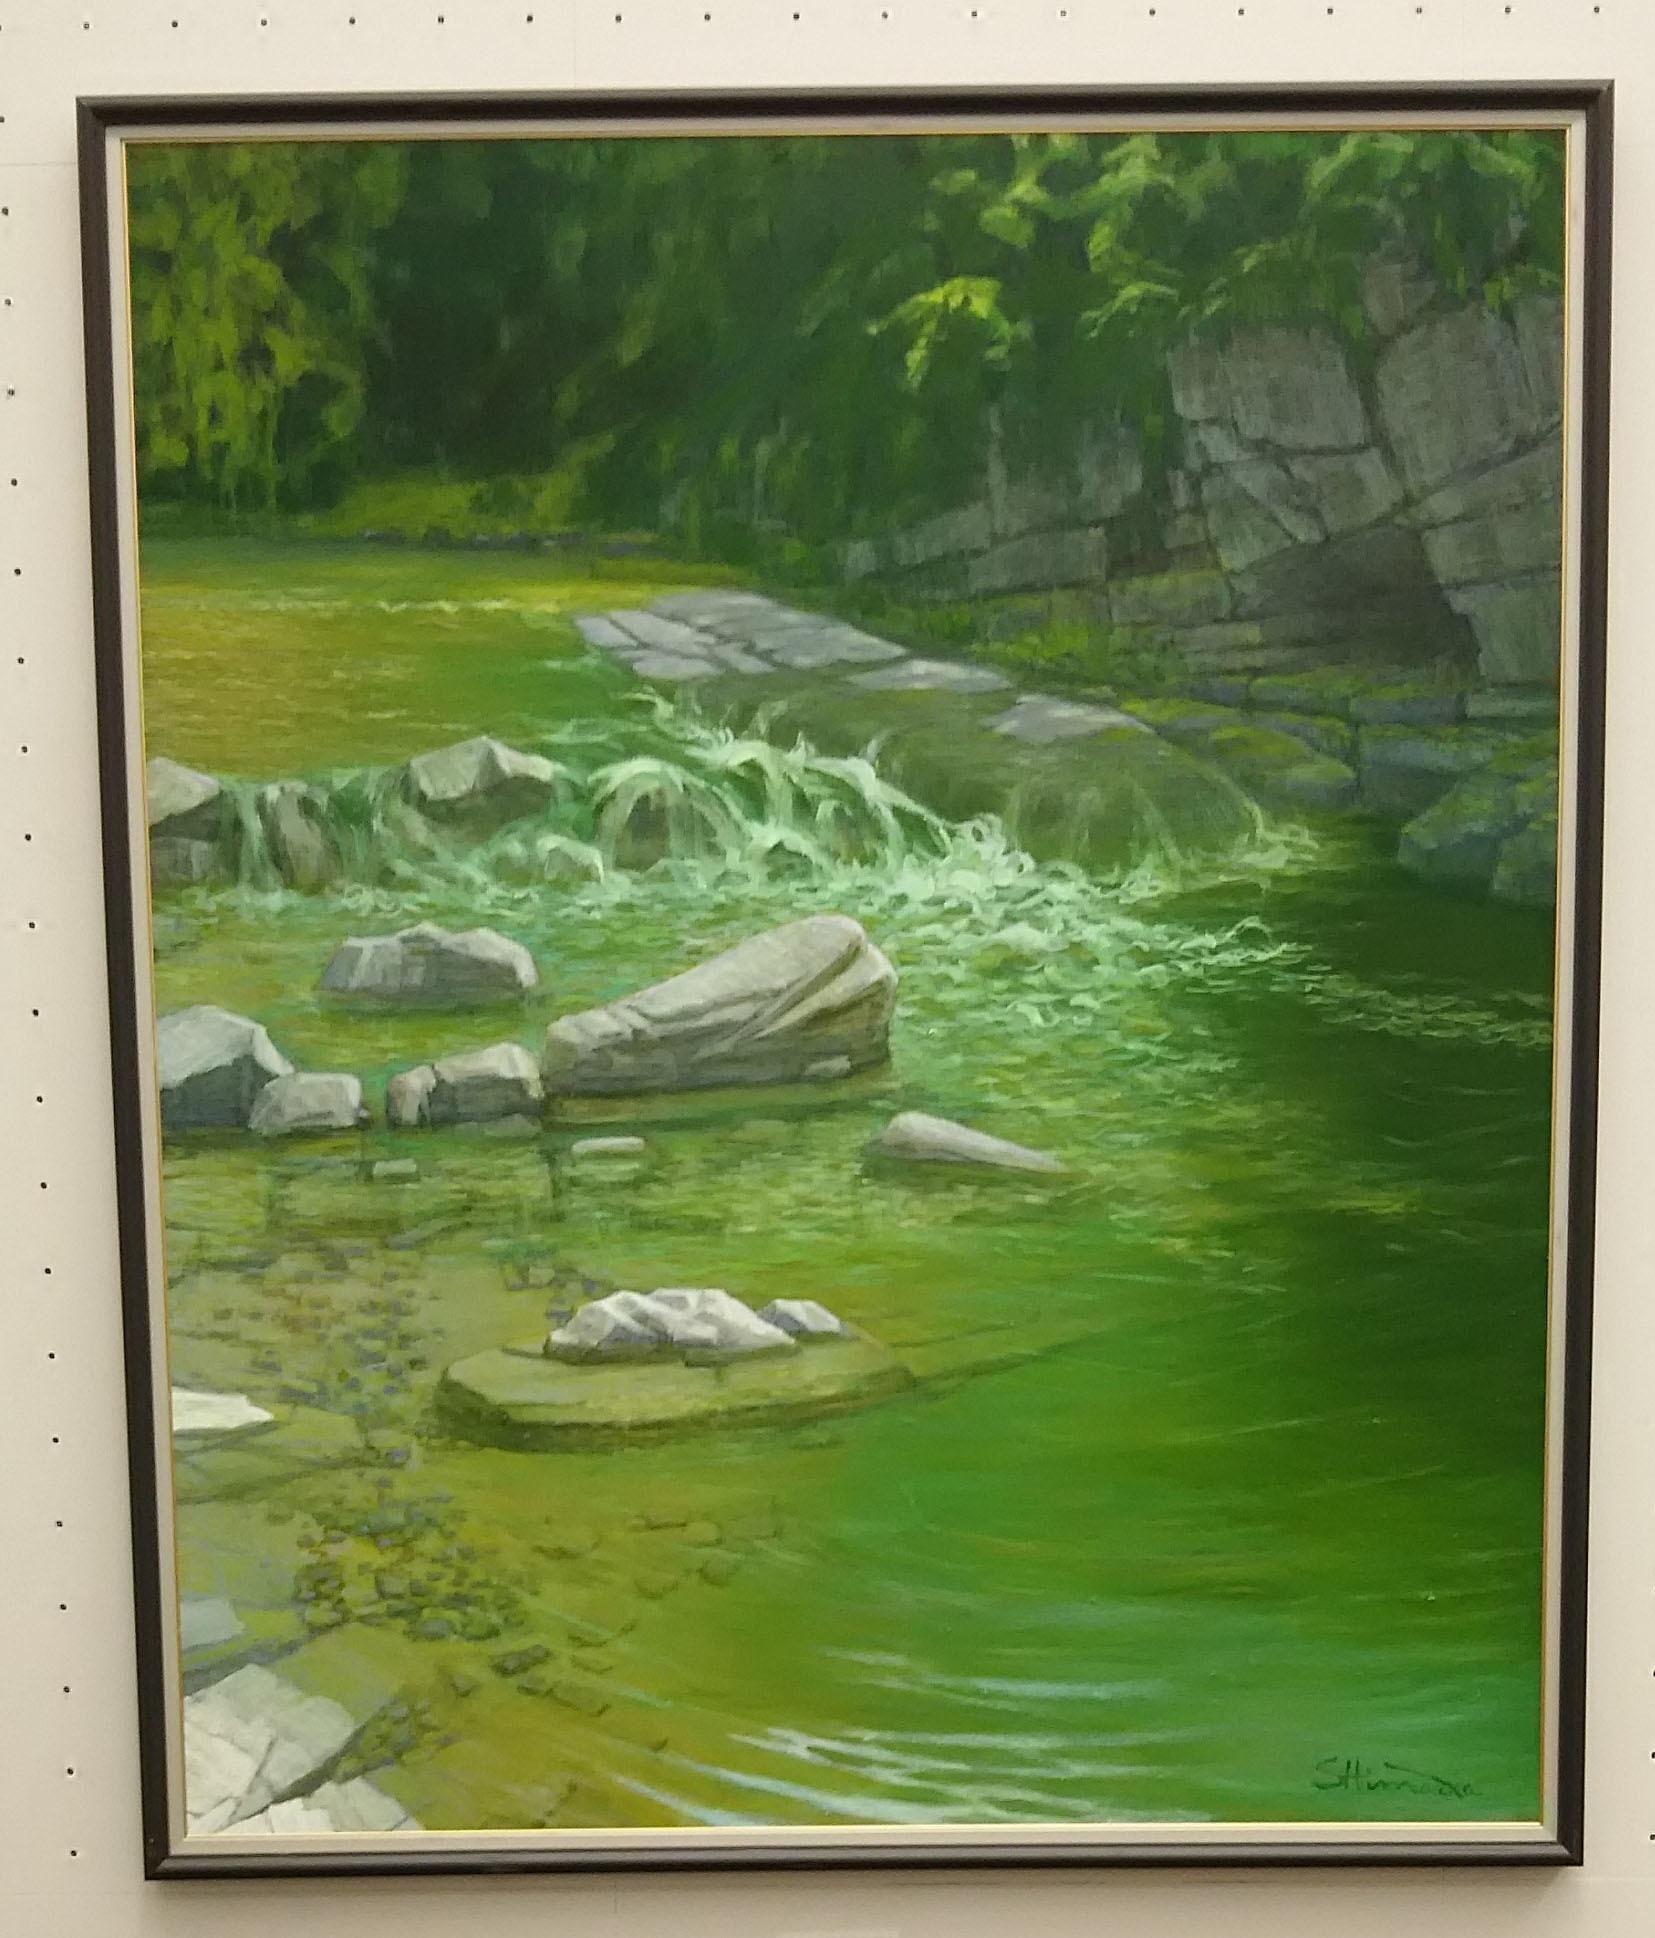 創展で「槻川緑韻」を観ました_c0216213_19385855.jpg